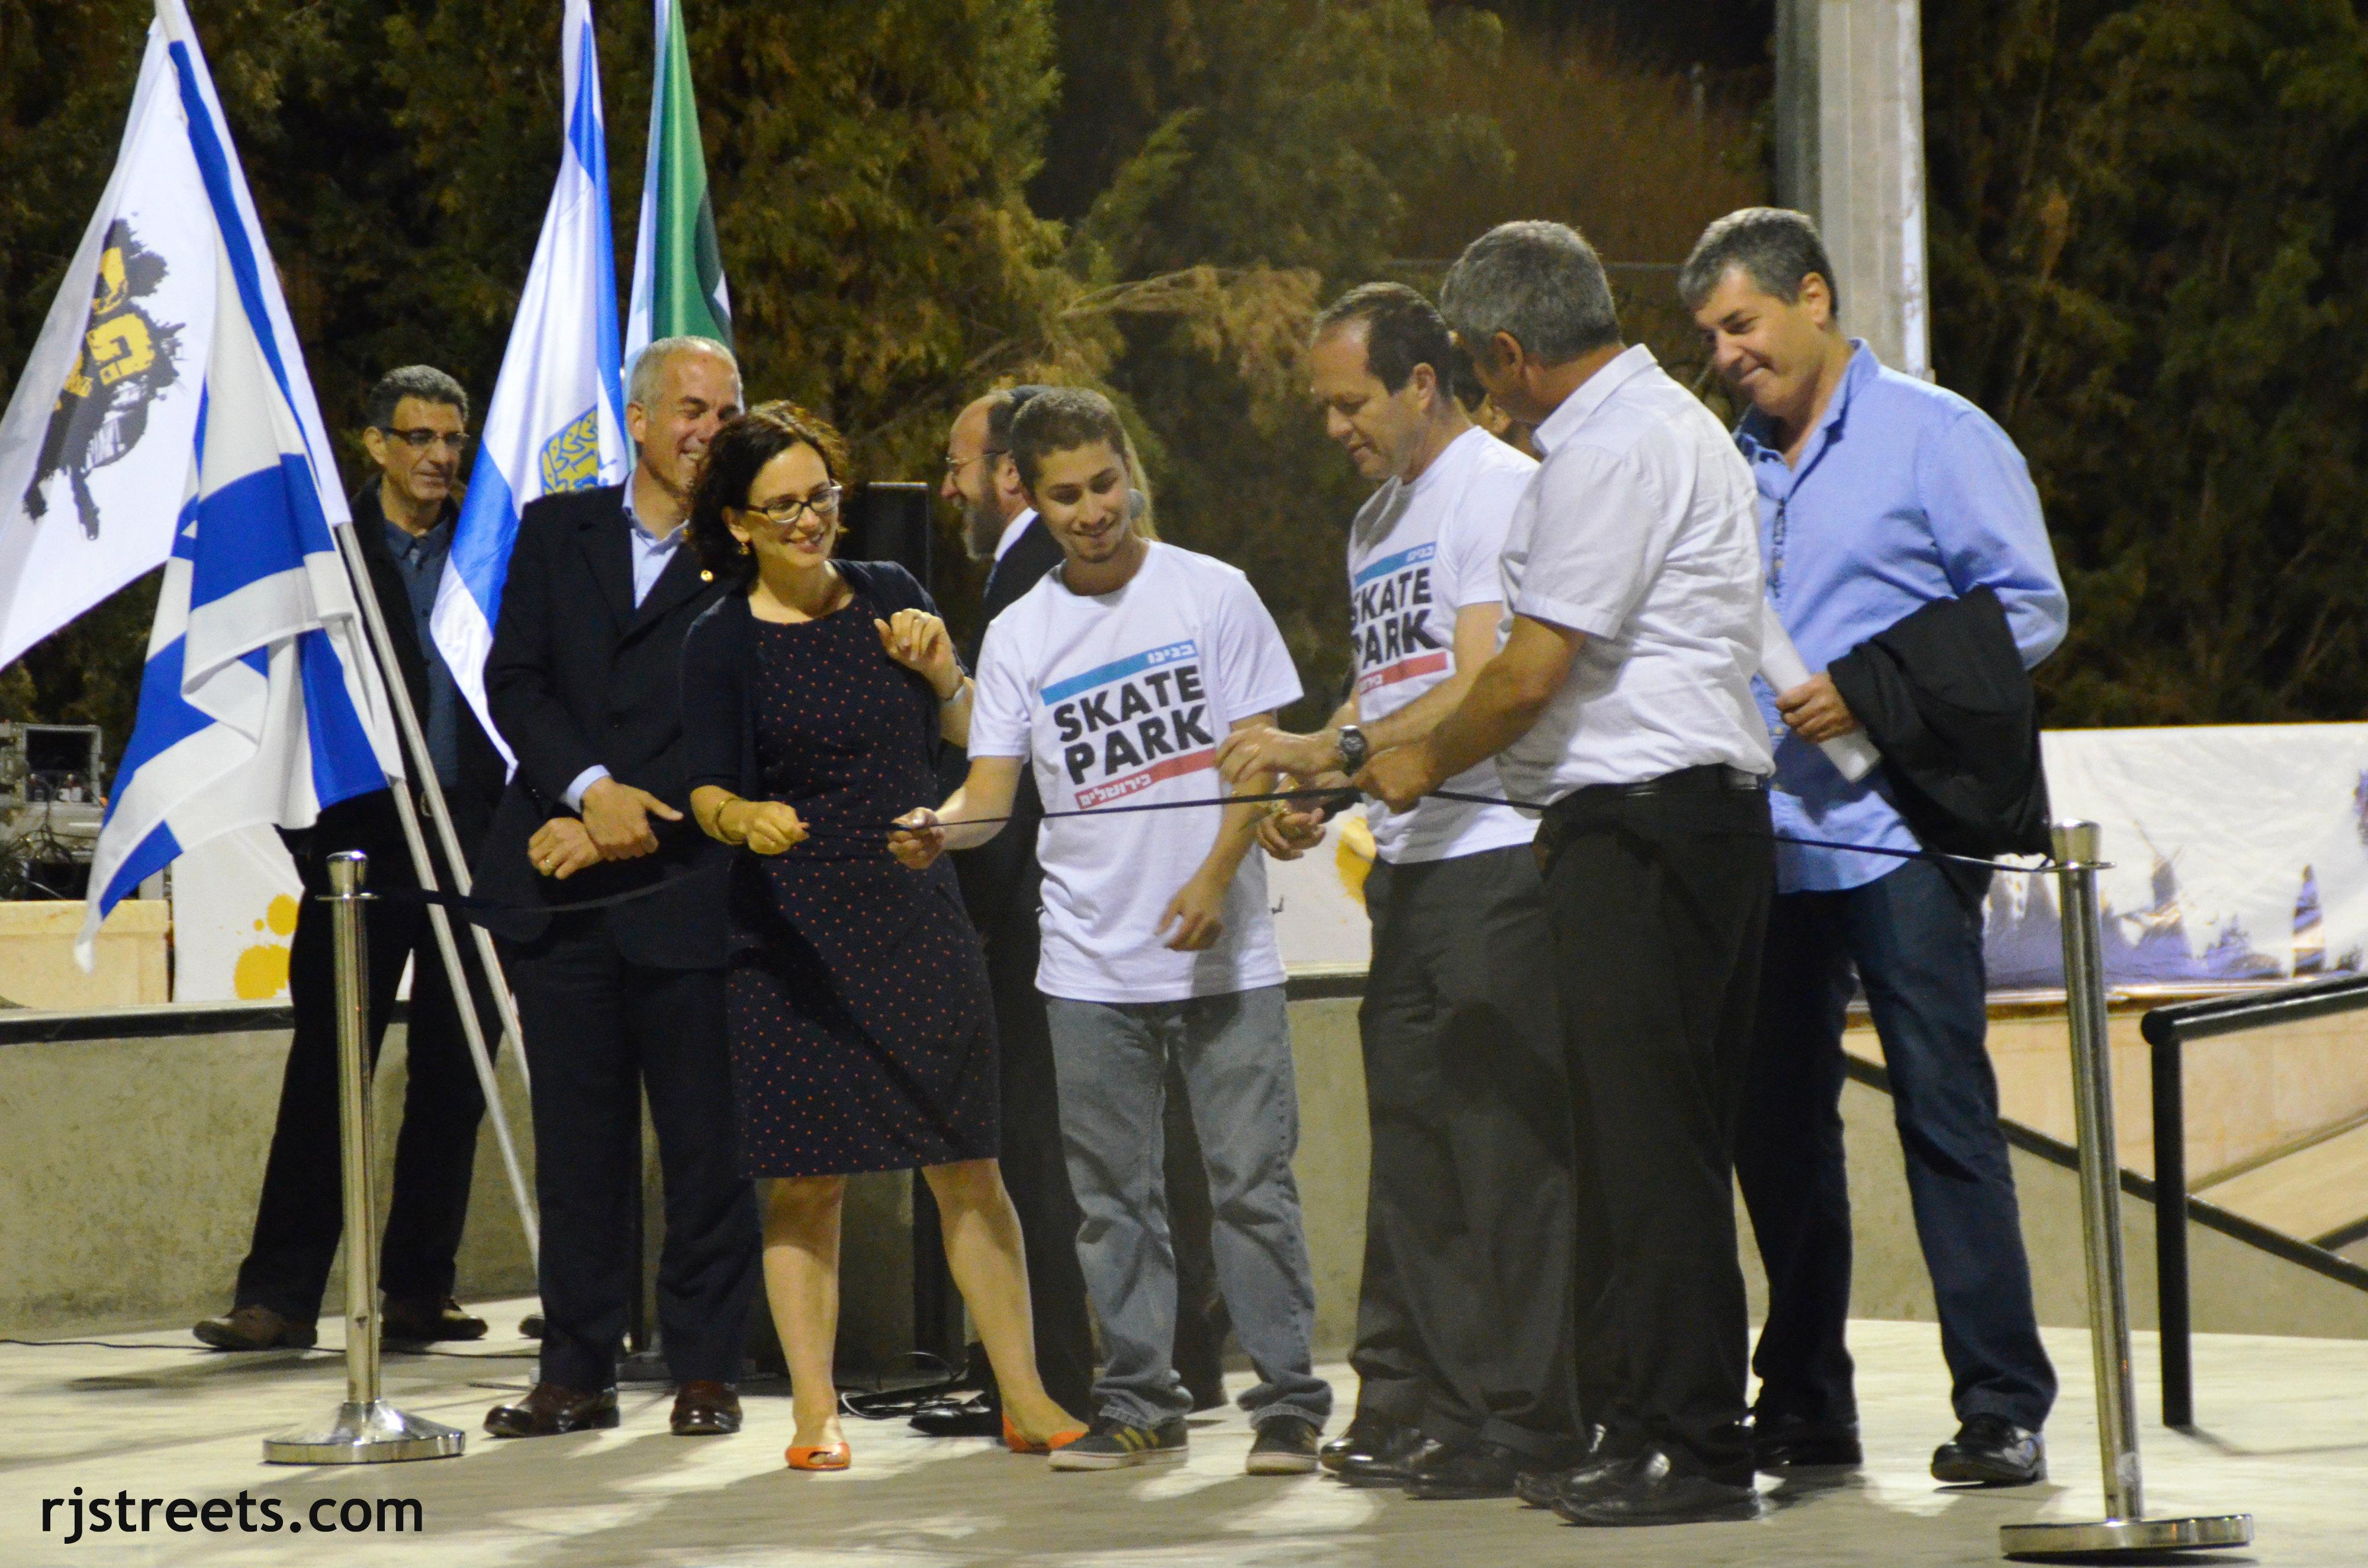 image Jerusalem skate park opening,